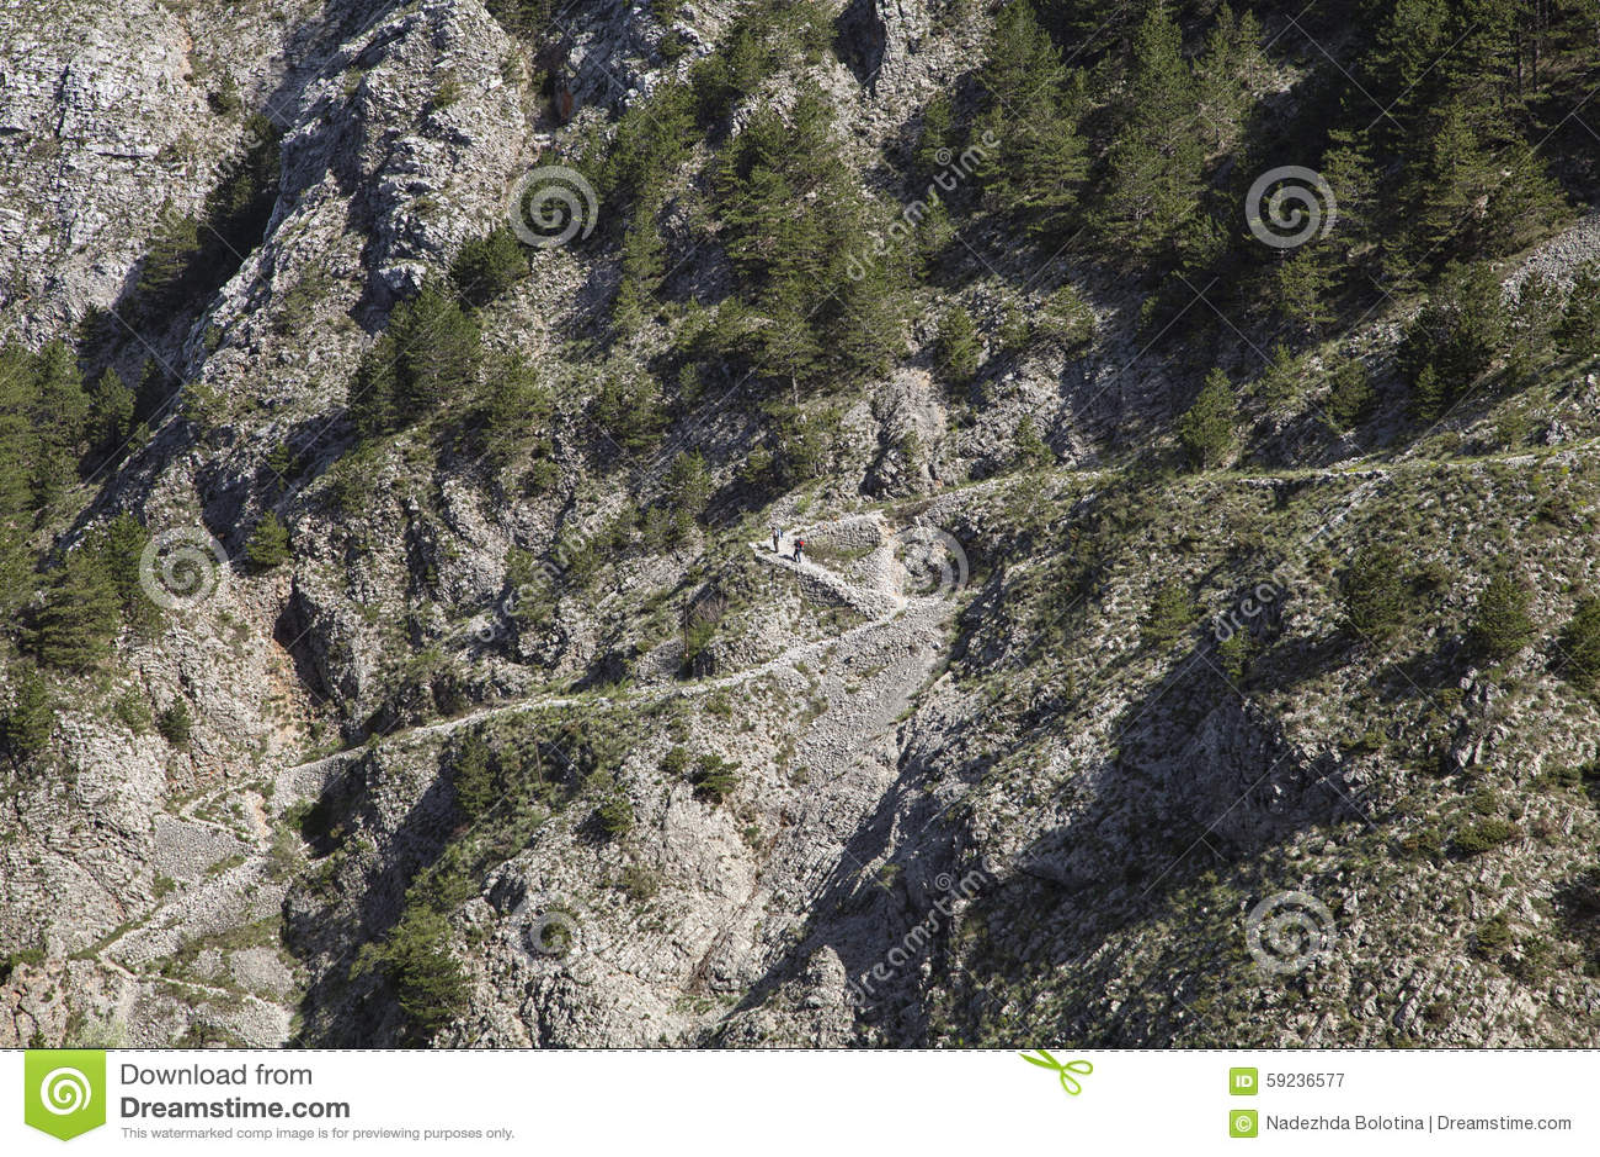 Download Camino de la montaña imagen de archivo. Imagen de urbano - 59236577